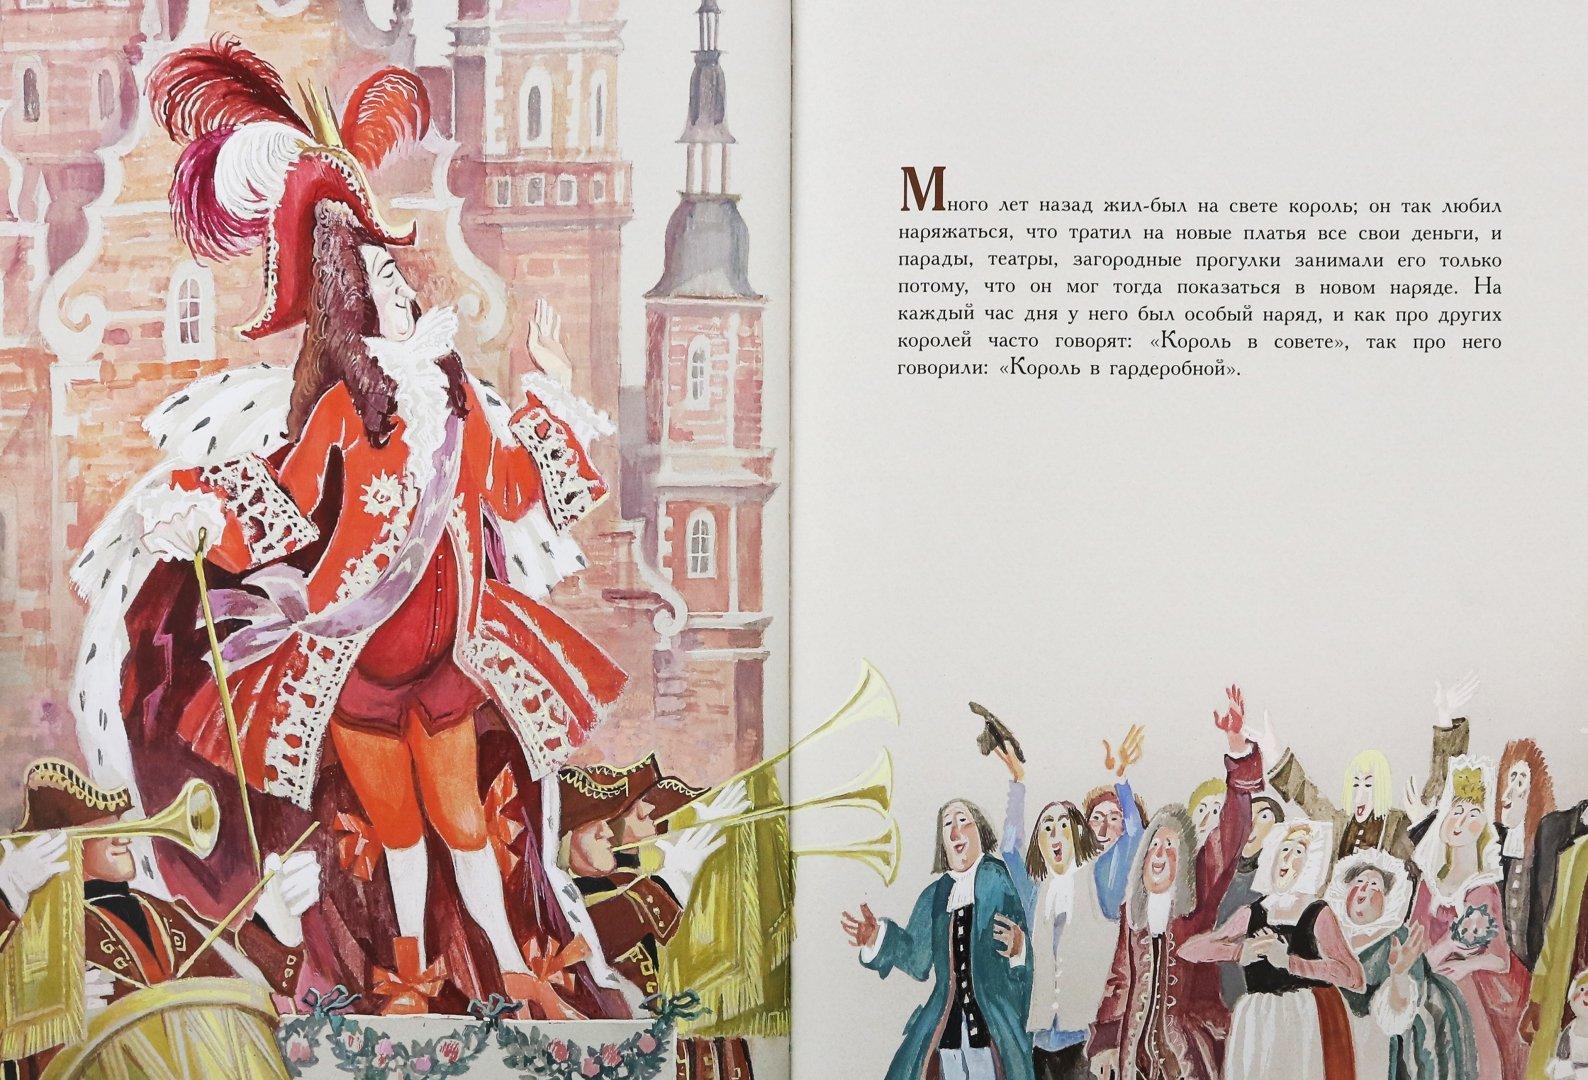 Сказка андерсена новое платье короля с картинками выбрала